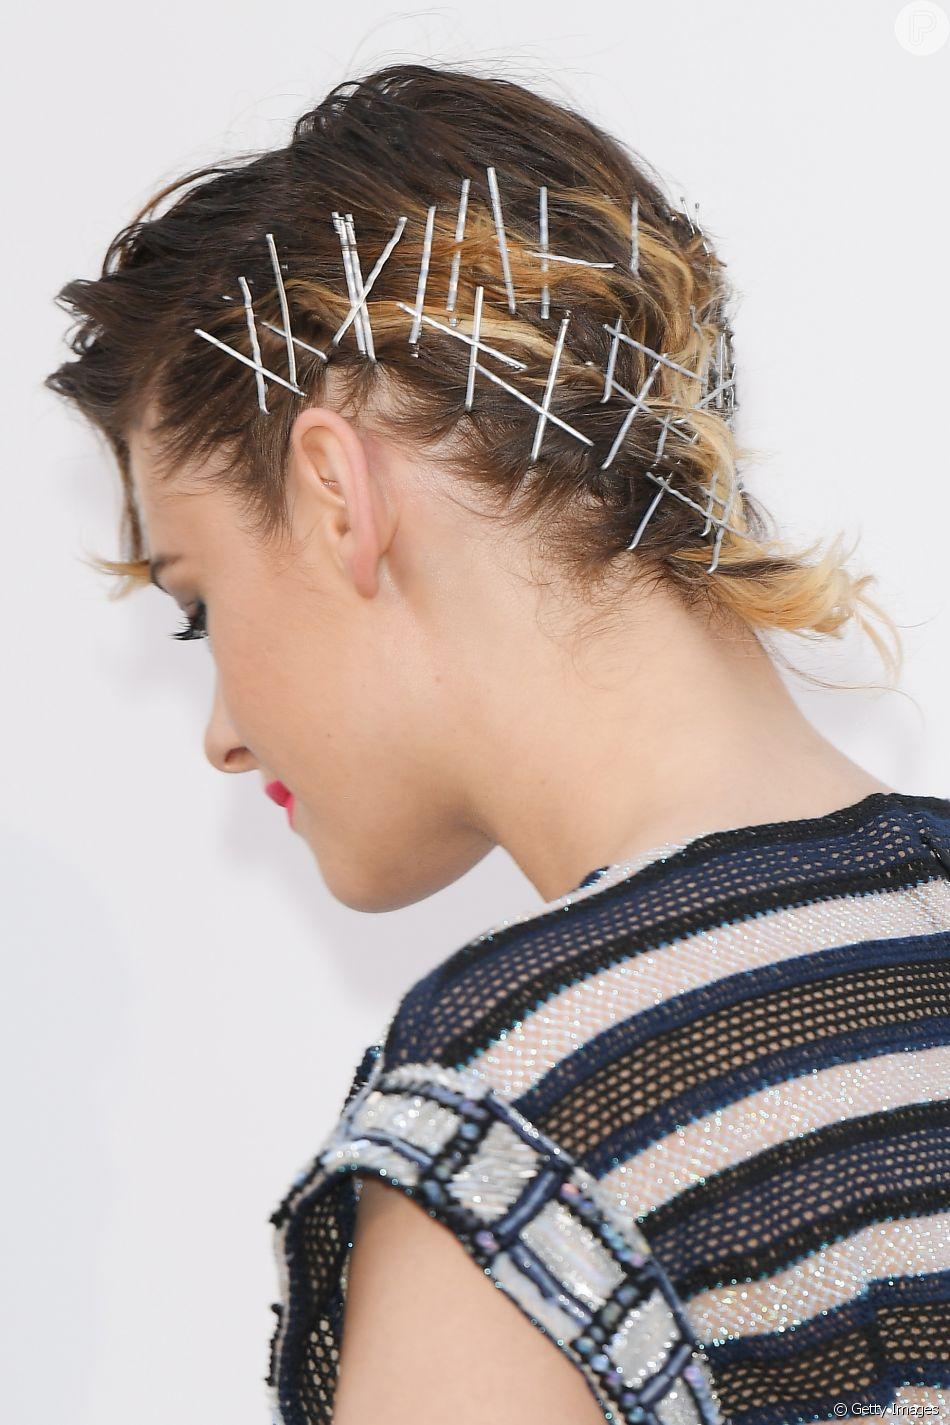 Quer dar um toque fashion ao cabelo sem perder tempo com penteado? A moda do grampos à mostra é superfácil e prática de usar: basta colocar as peças nas laterais da cabeça, sejam enfileiradas em um lado só ou individualmente nos dois lados.